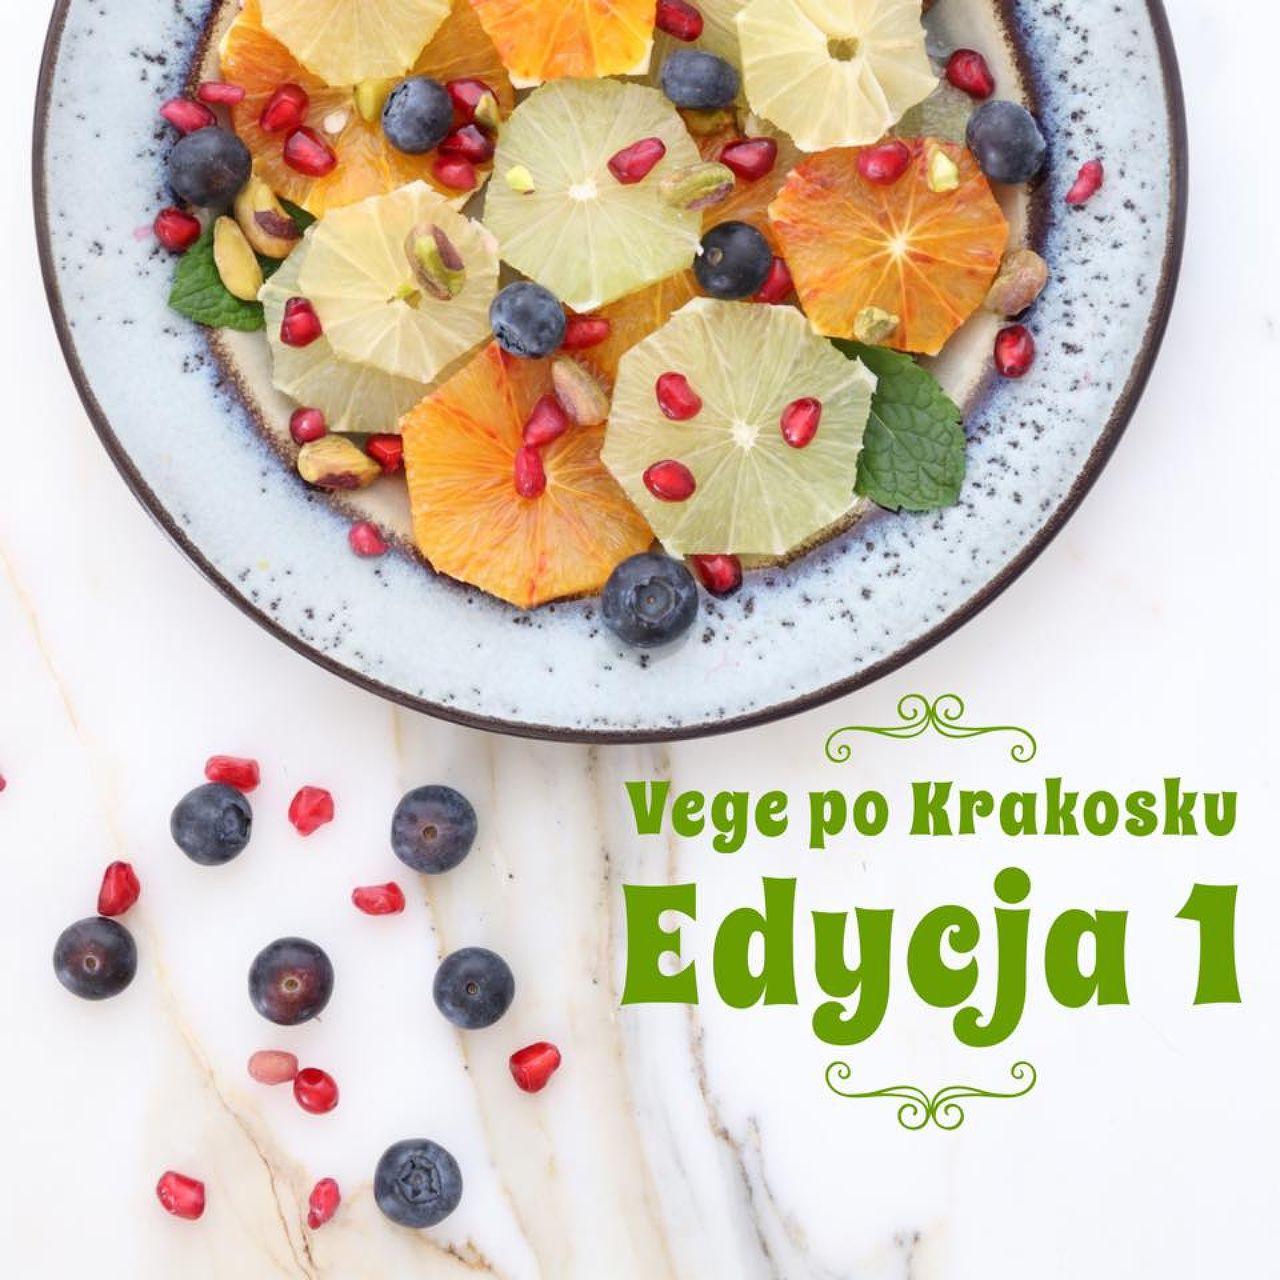 VEGE po Krakosku vol.1